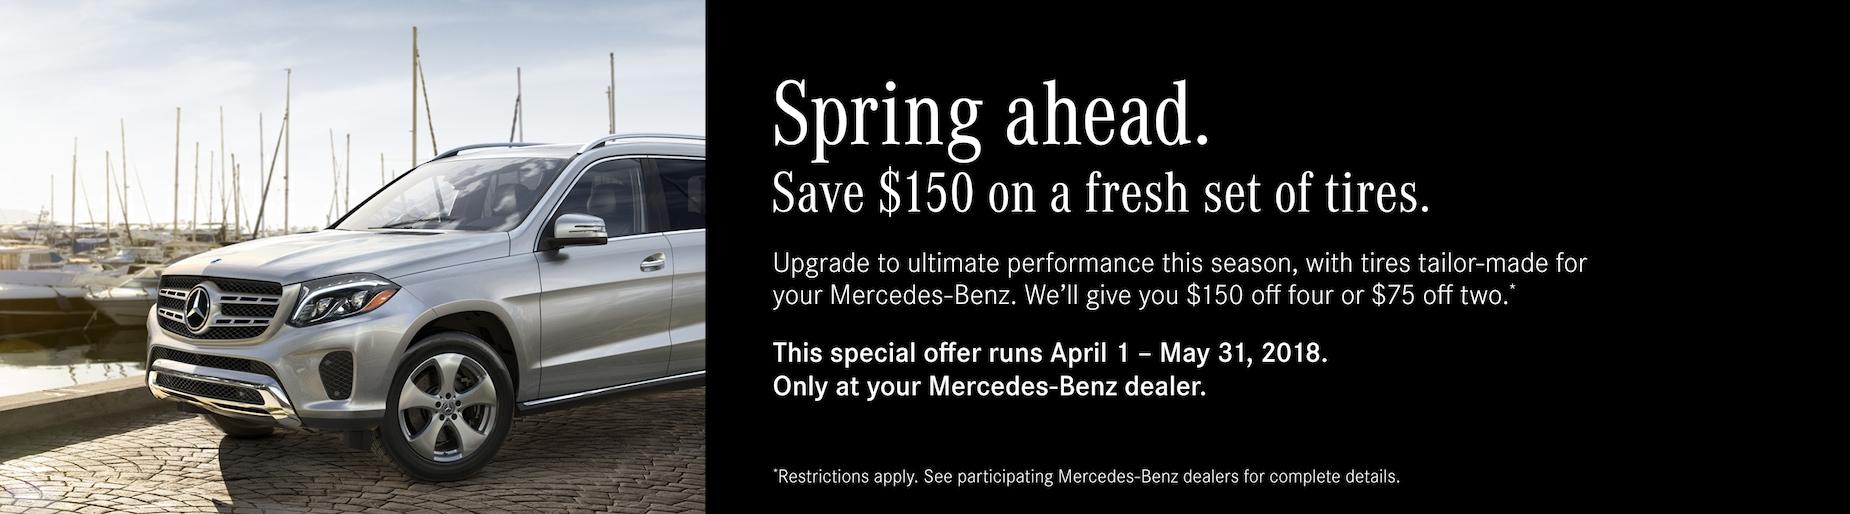 Mercedes benz dealer near me san jose ca mercedes benz for Stevens creek mercedes benz